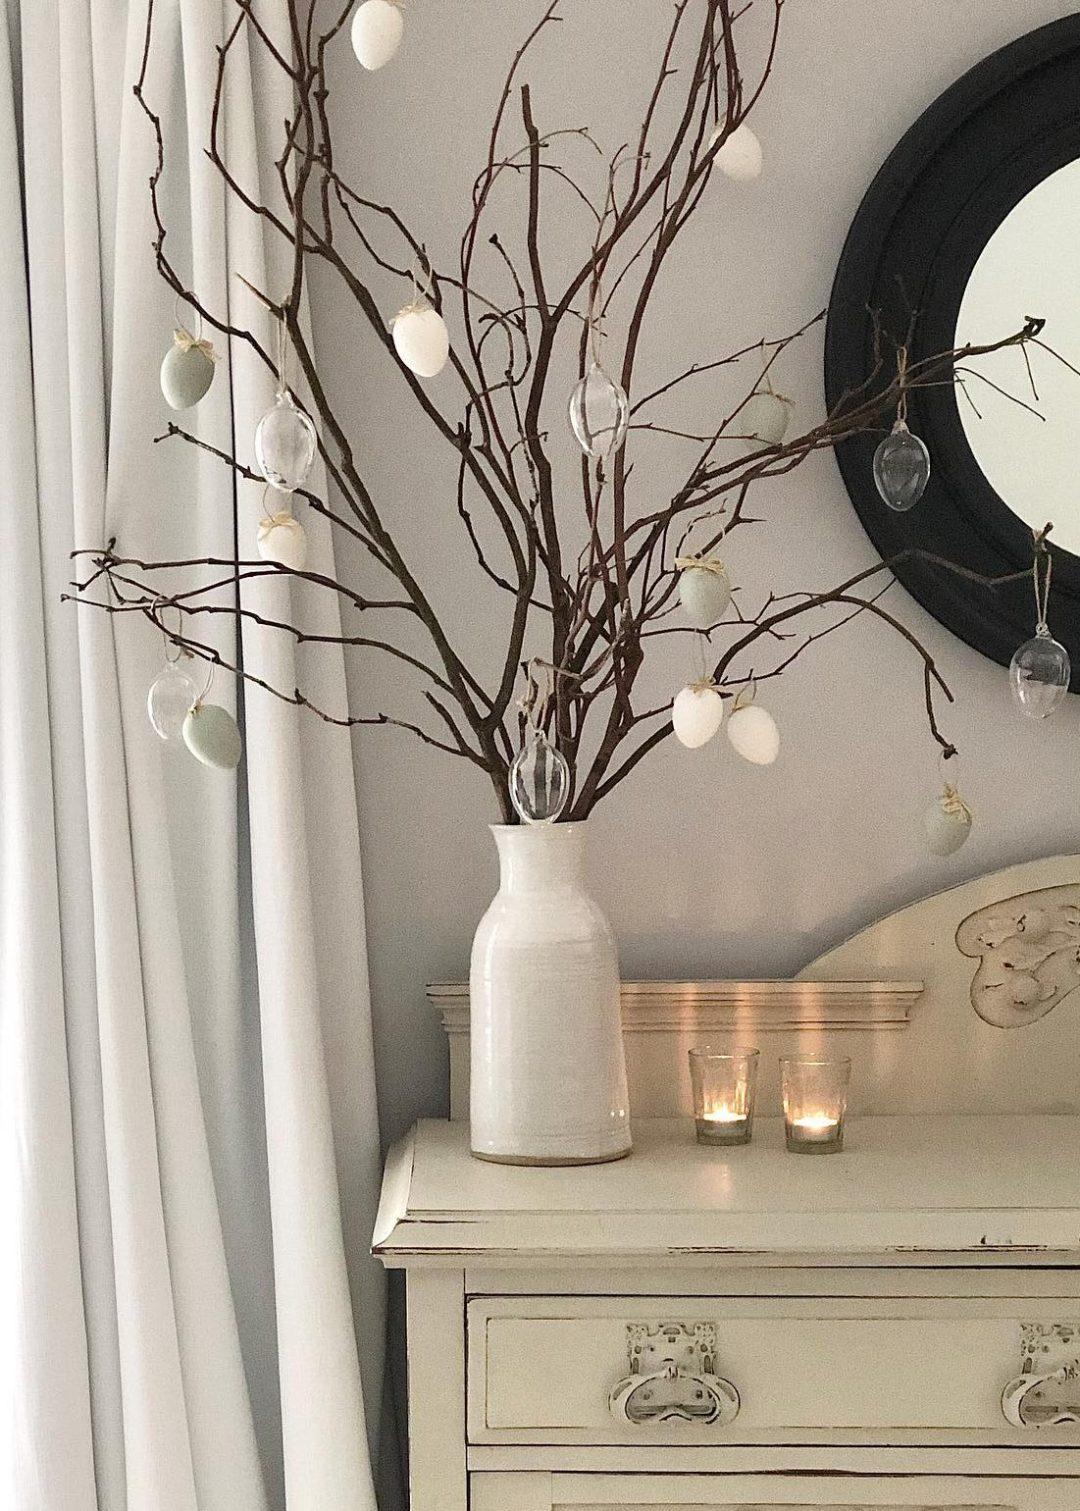 Minimalist Easter tree ideas with stems